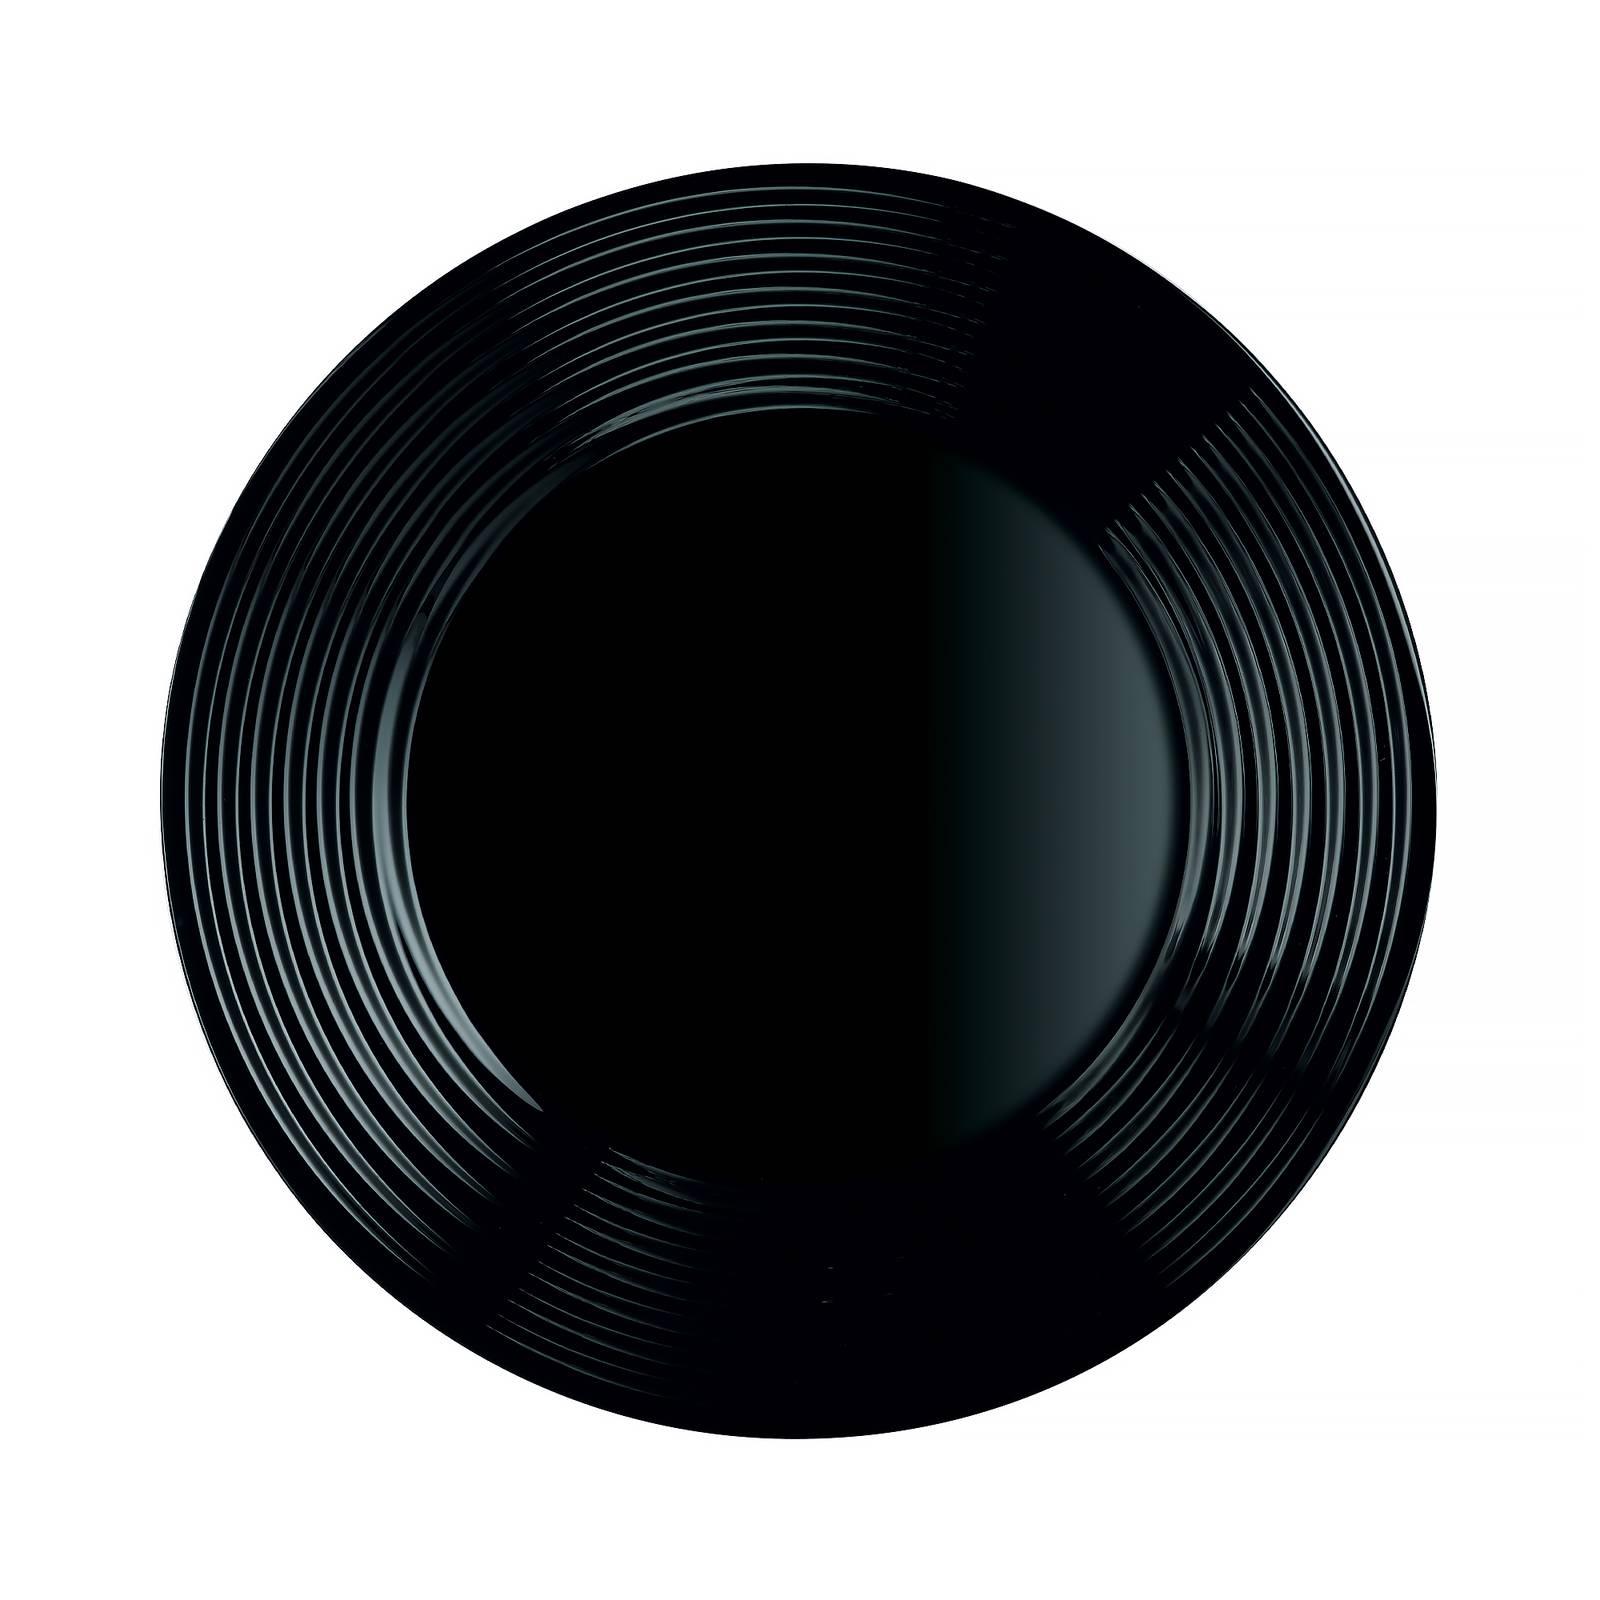 Dessertteller Harena 19 cm schwarz LUMINARC